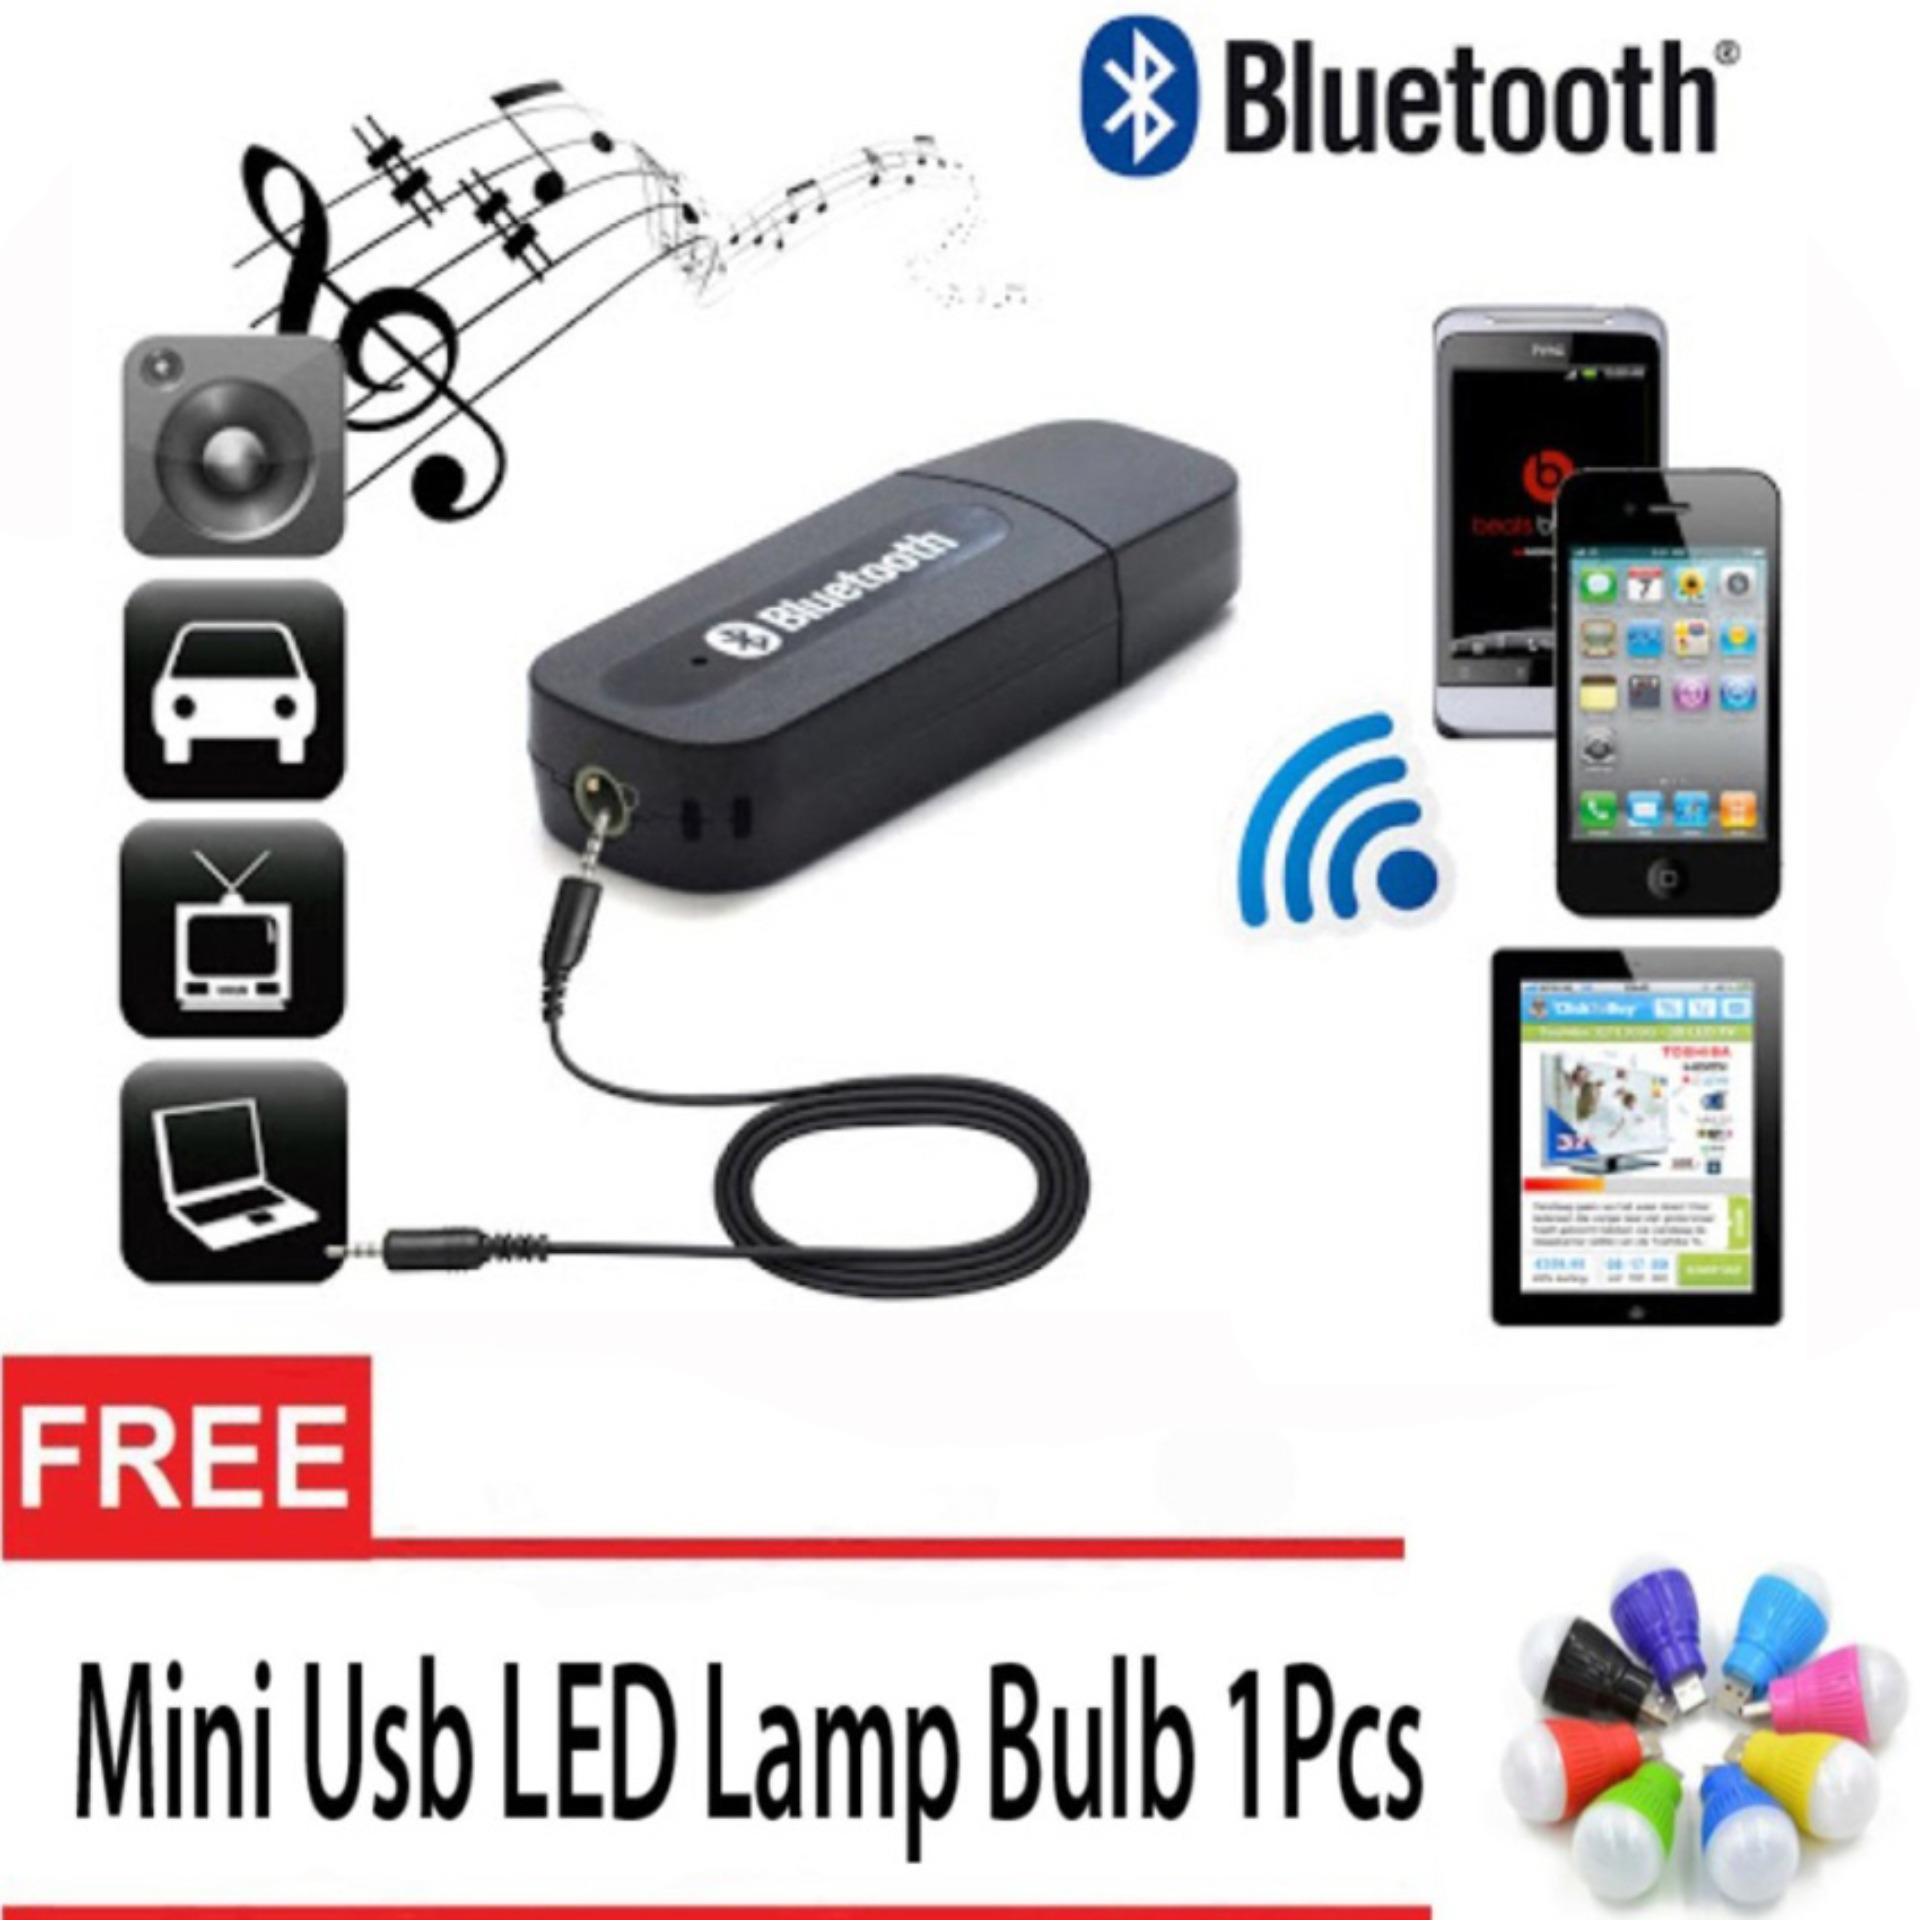 Online Murah Bluetooth Music 35mm Stereo Audio Receiver Adapter Strereo For Speaker Free Mini Usb Led